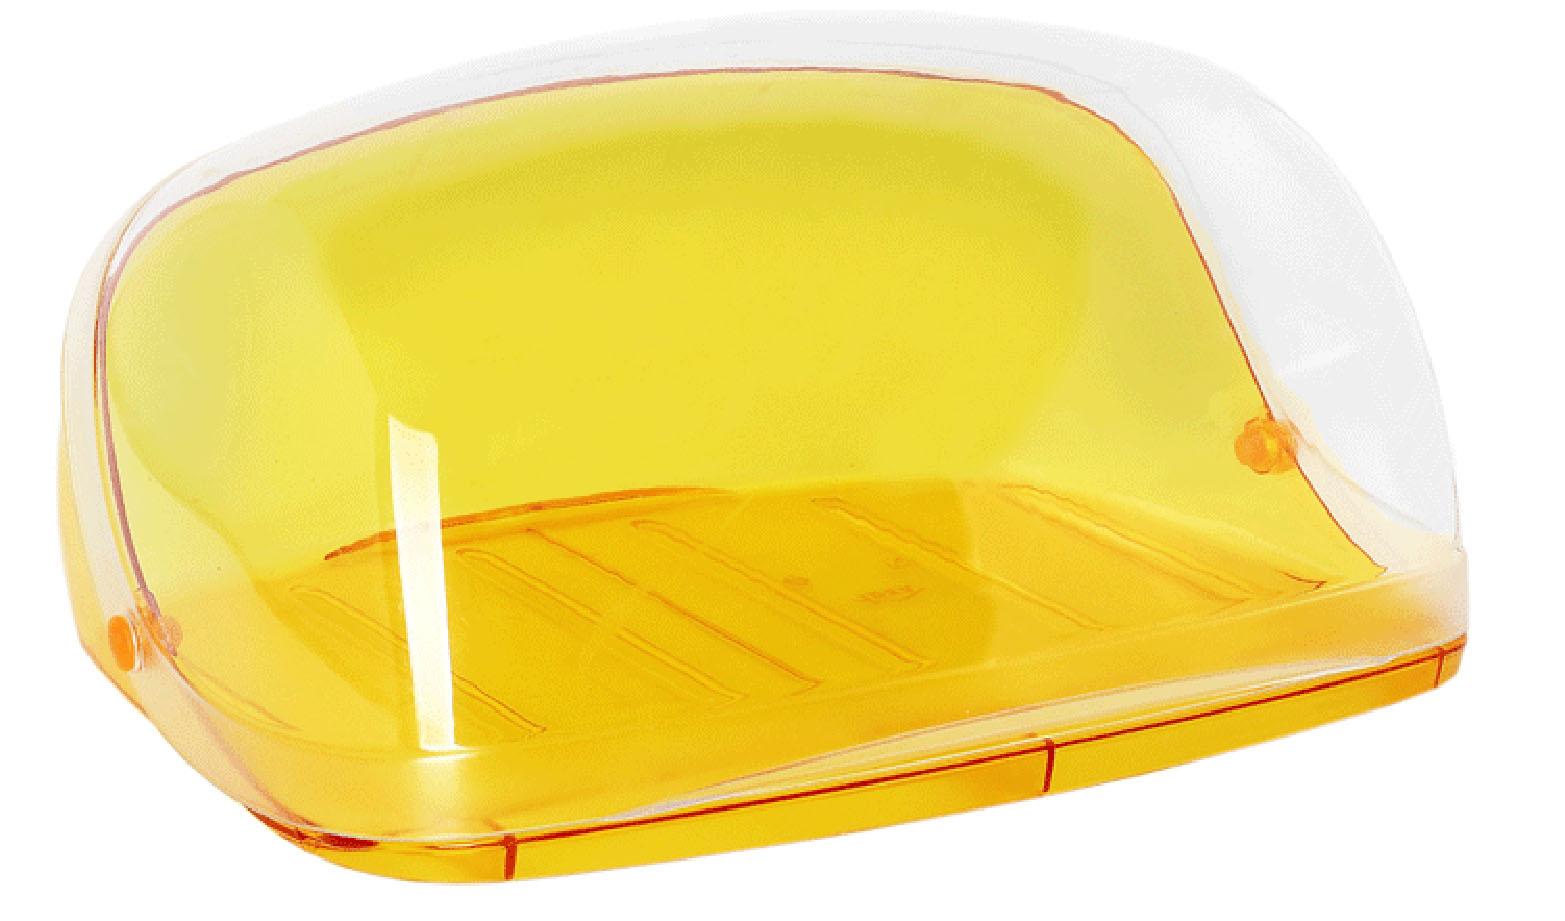 Хлебница Idea Кристалл, цвет: оранжевый, прозрачный, 29 х 25 х 15 см масленка idea кристалл цвет оранжевый прозрачный